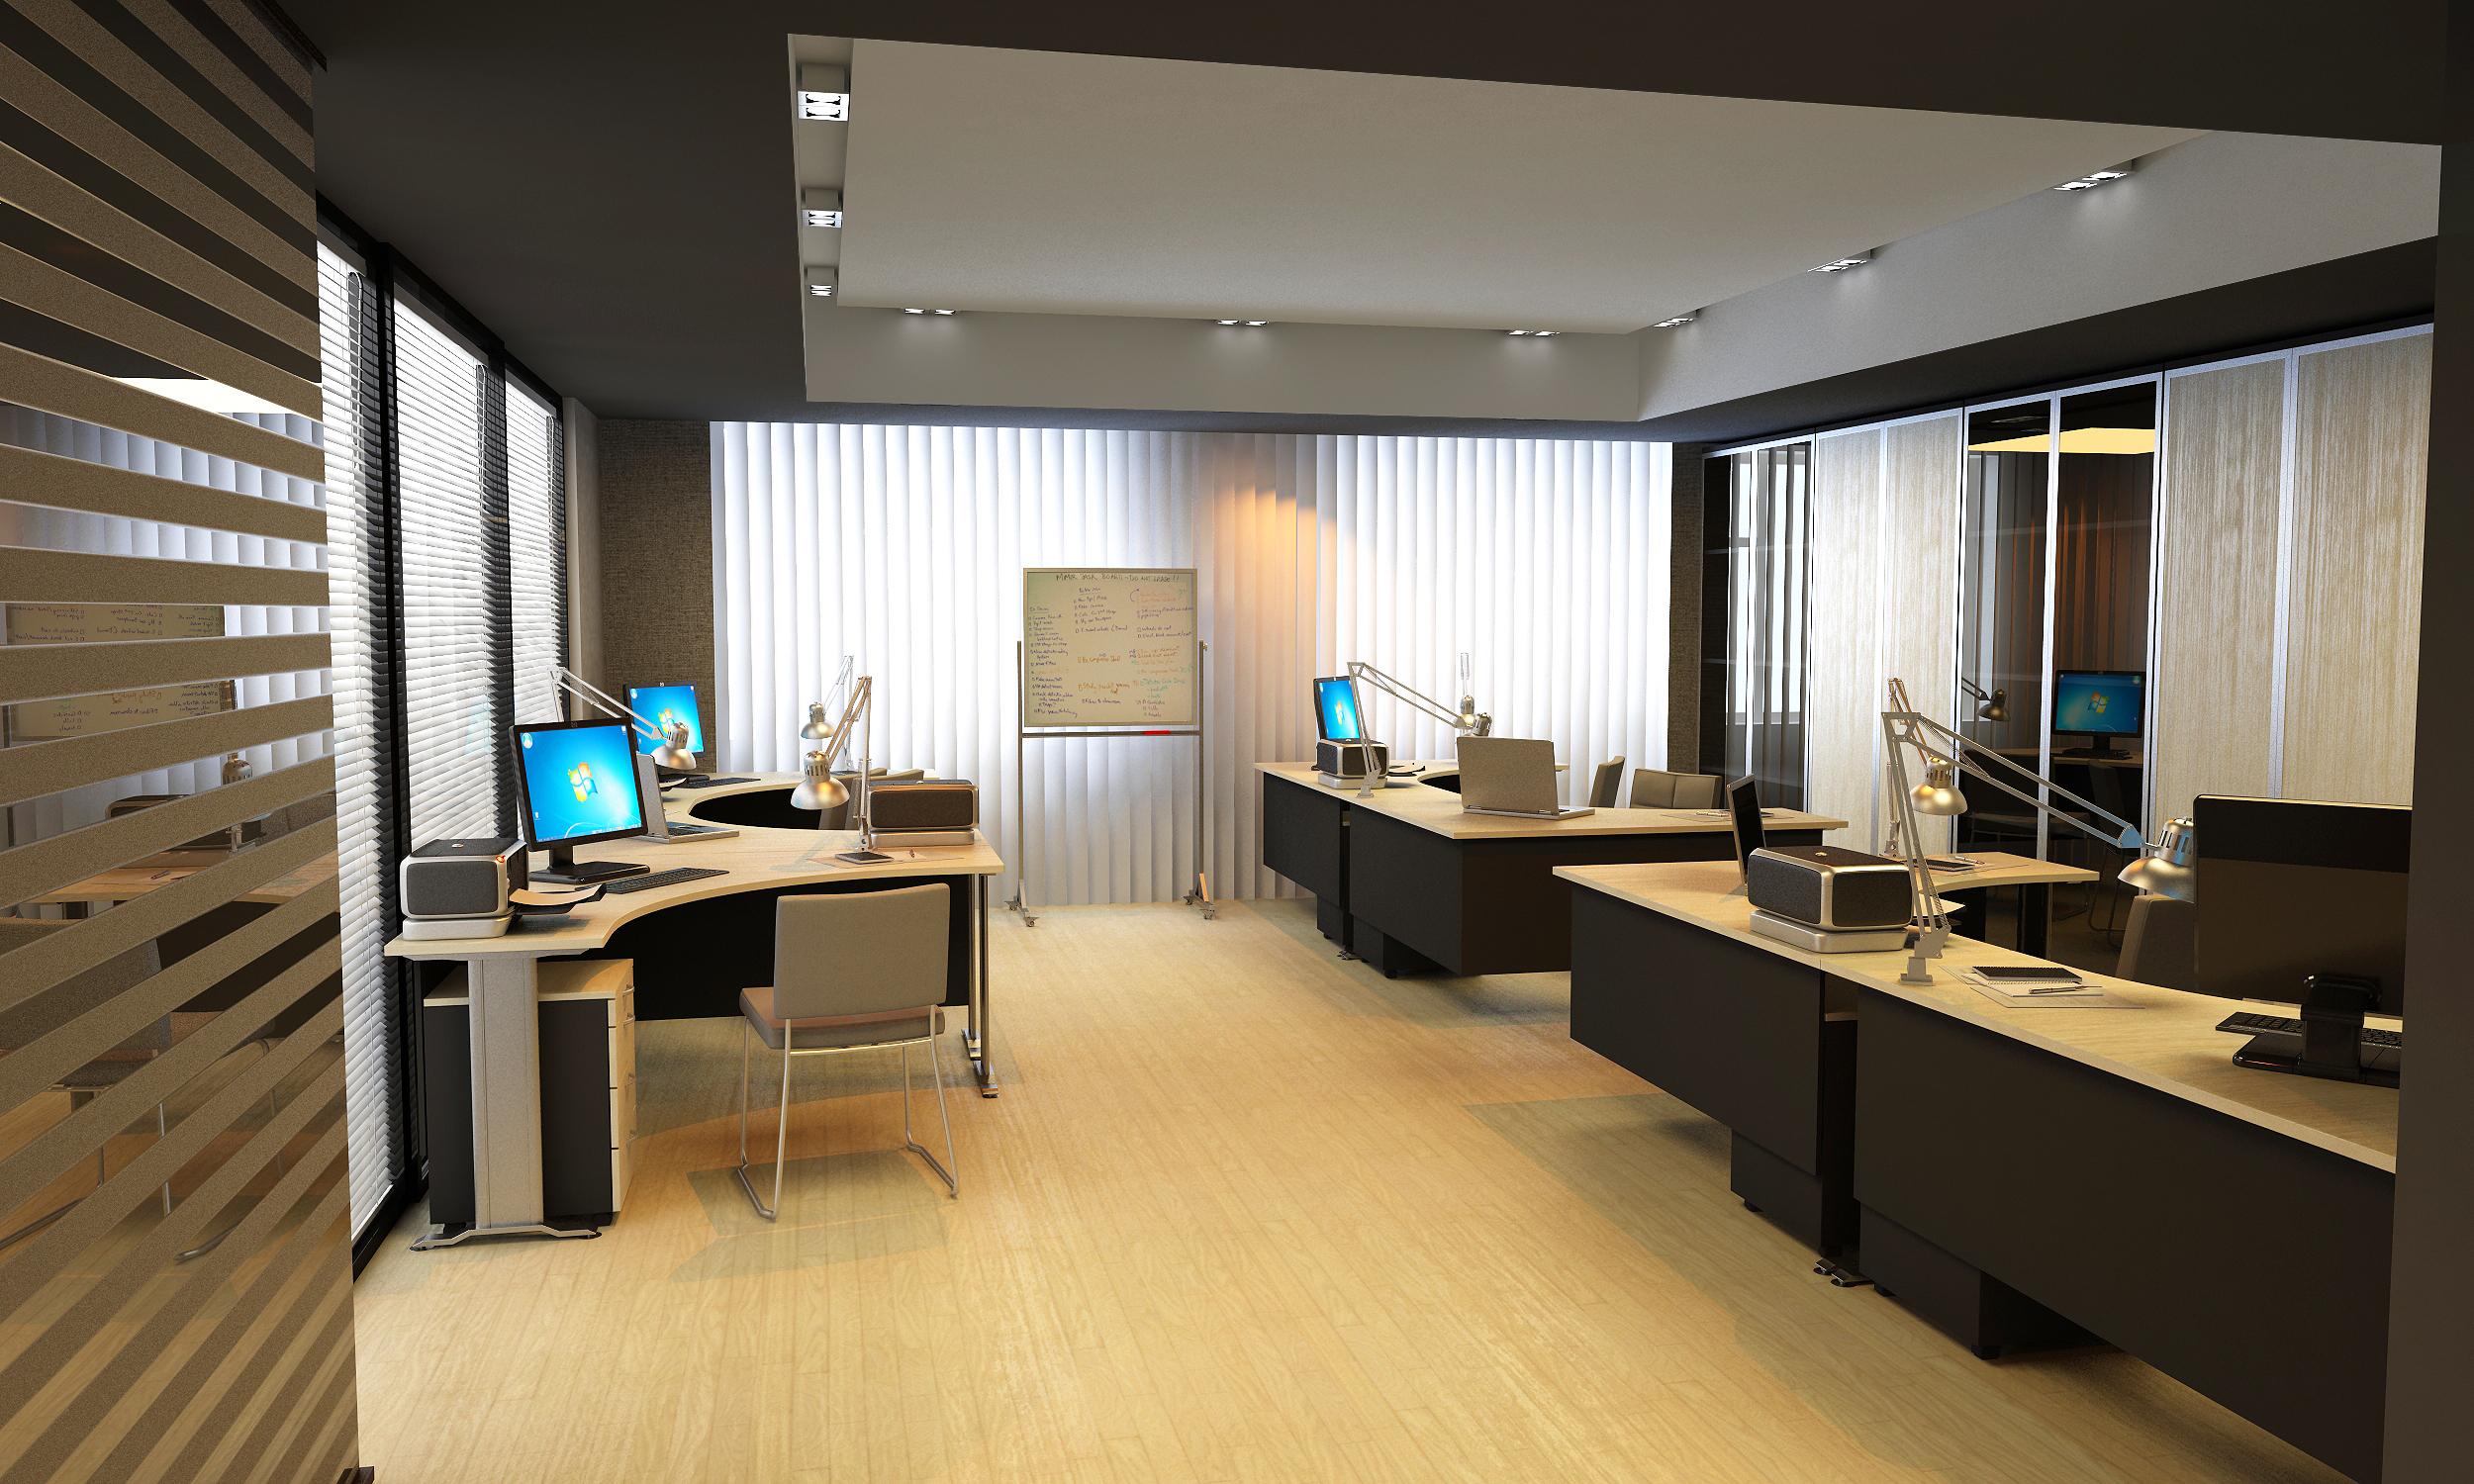 Interior 1 ts design for Vip room interior design